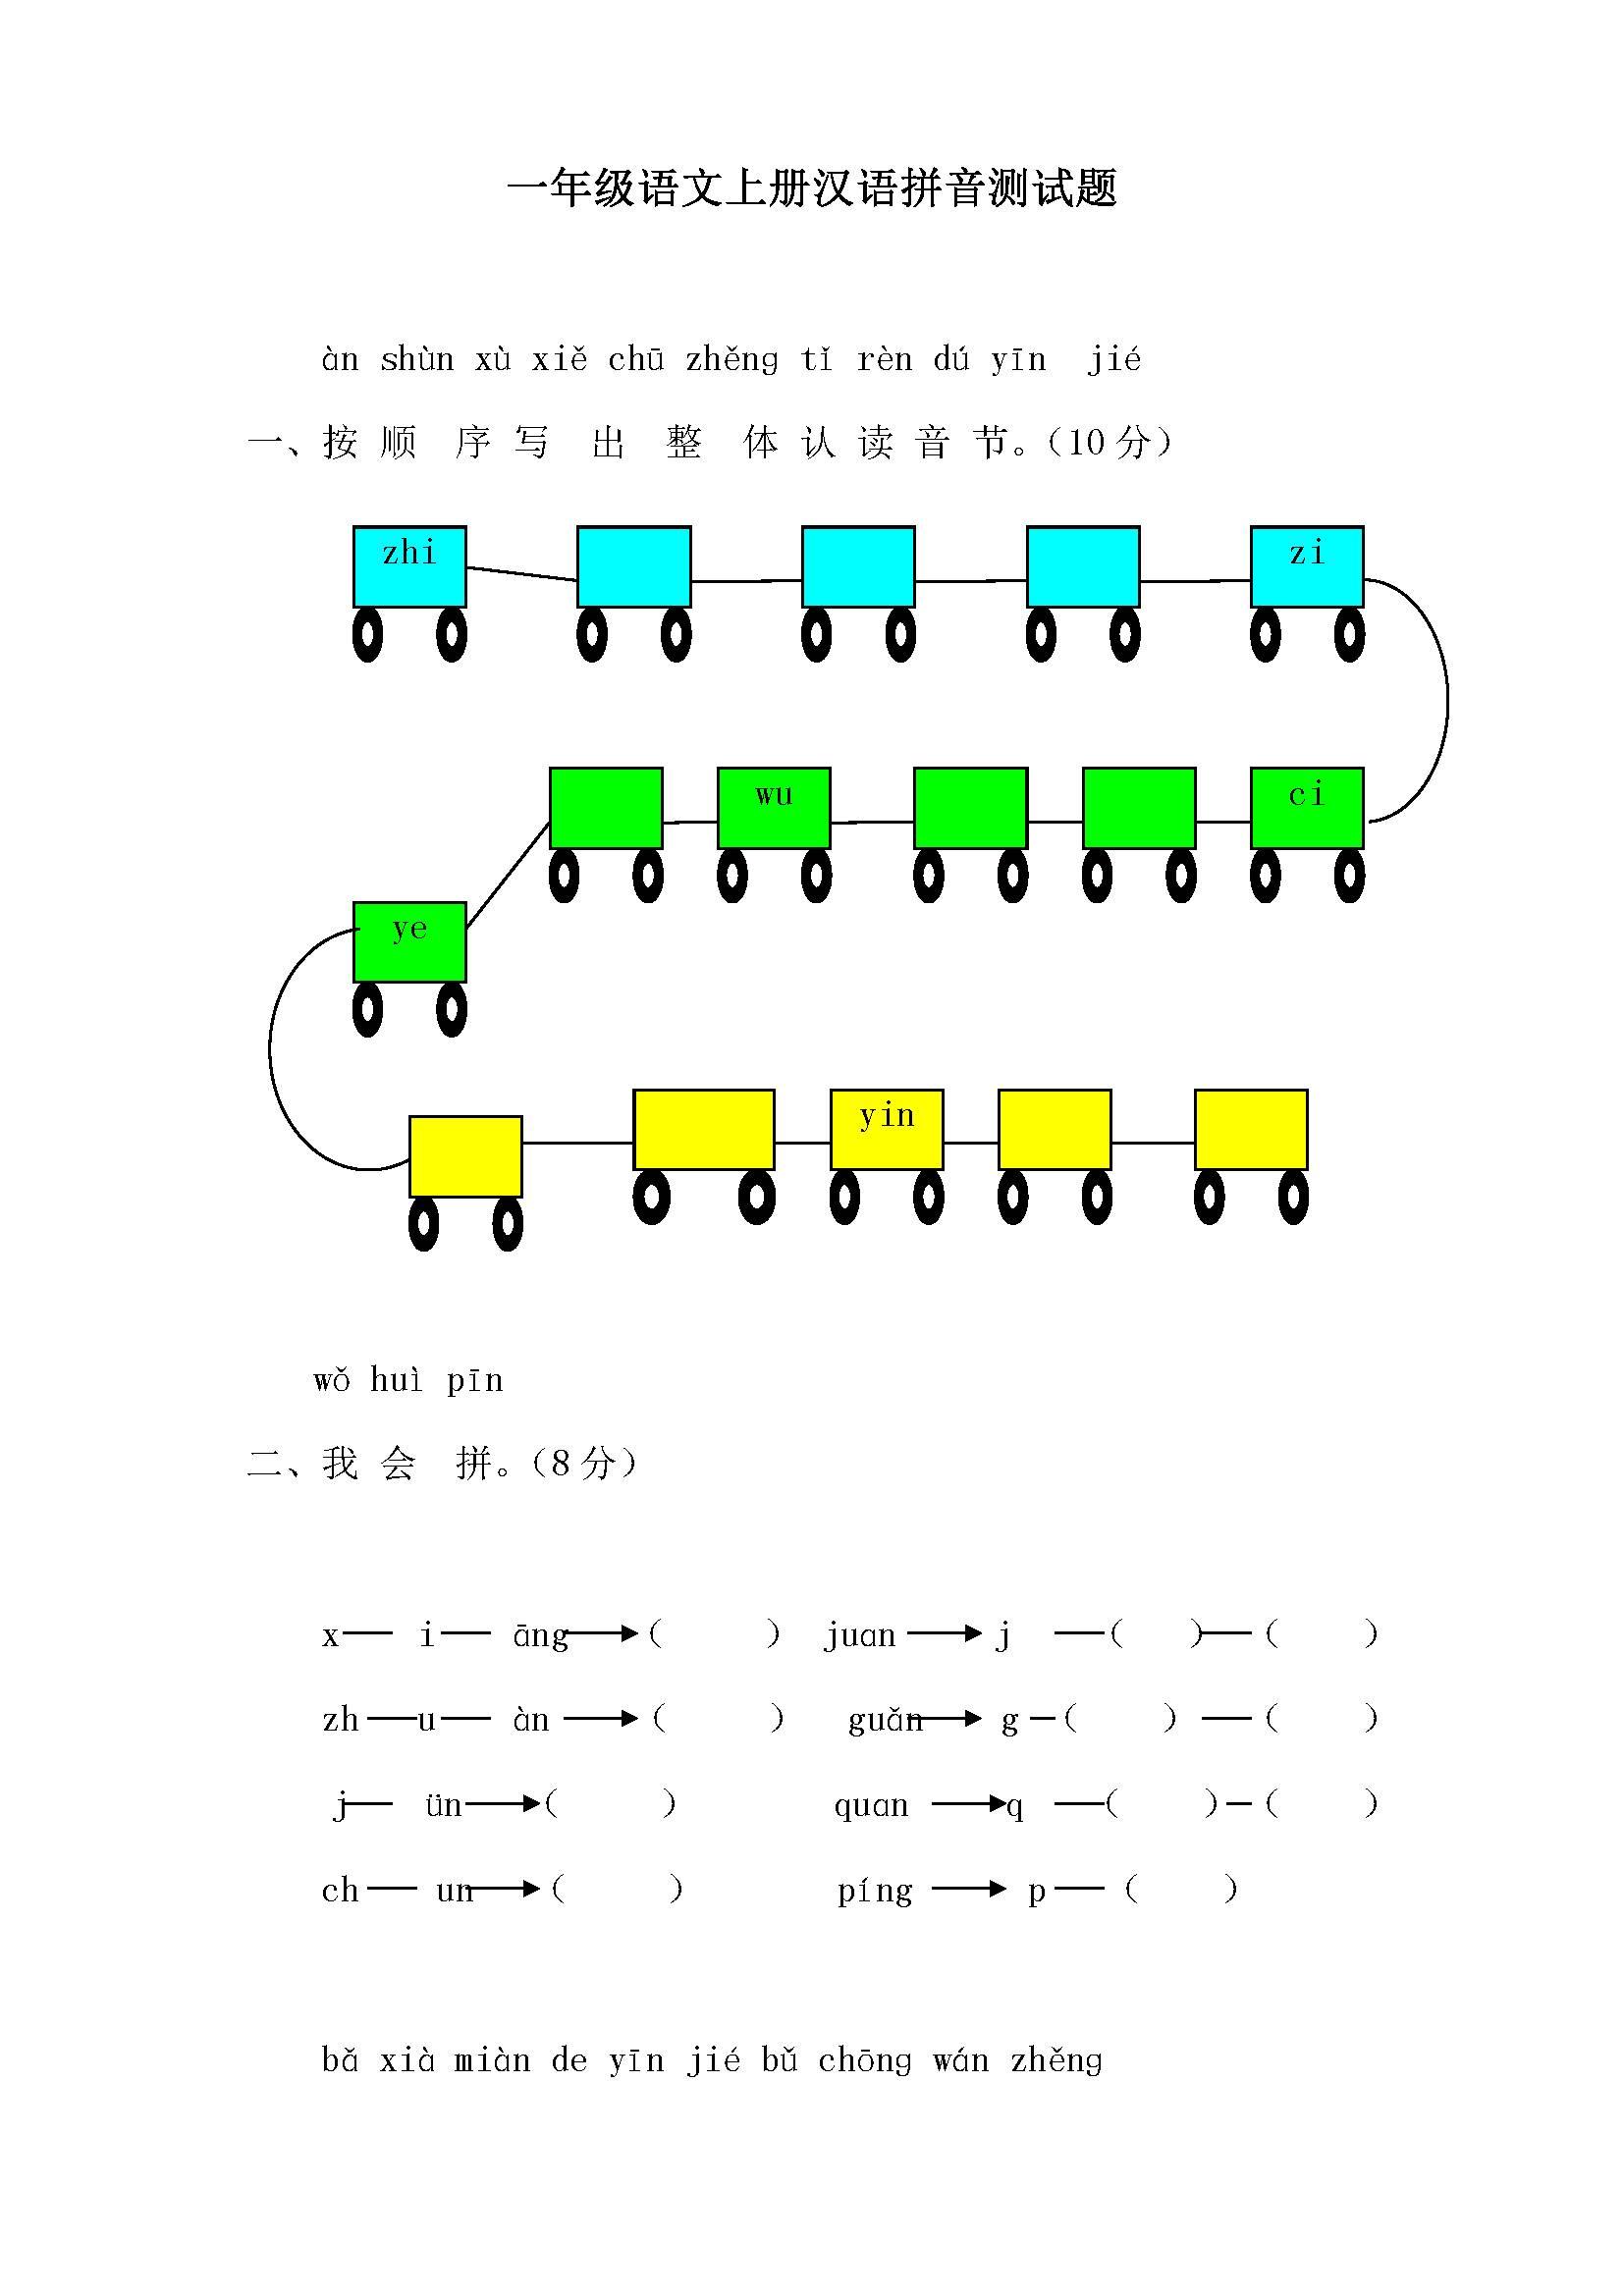 小学一年级语文上册汉语拼音测试题及其答案